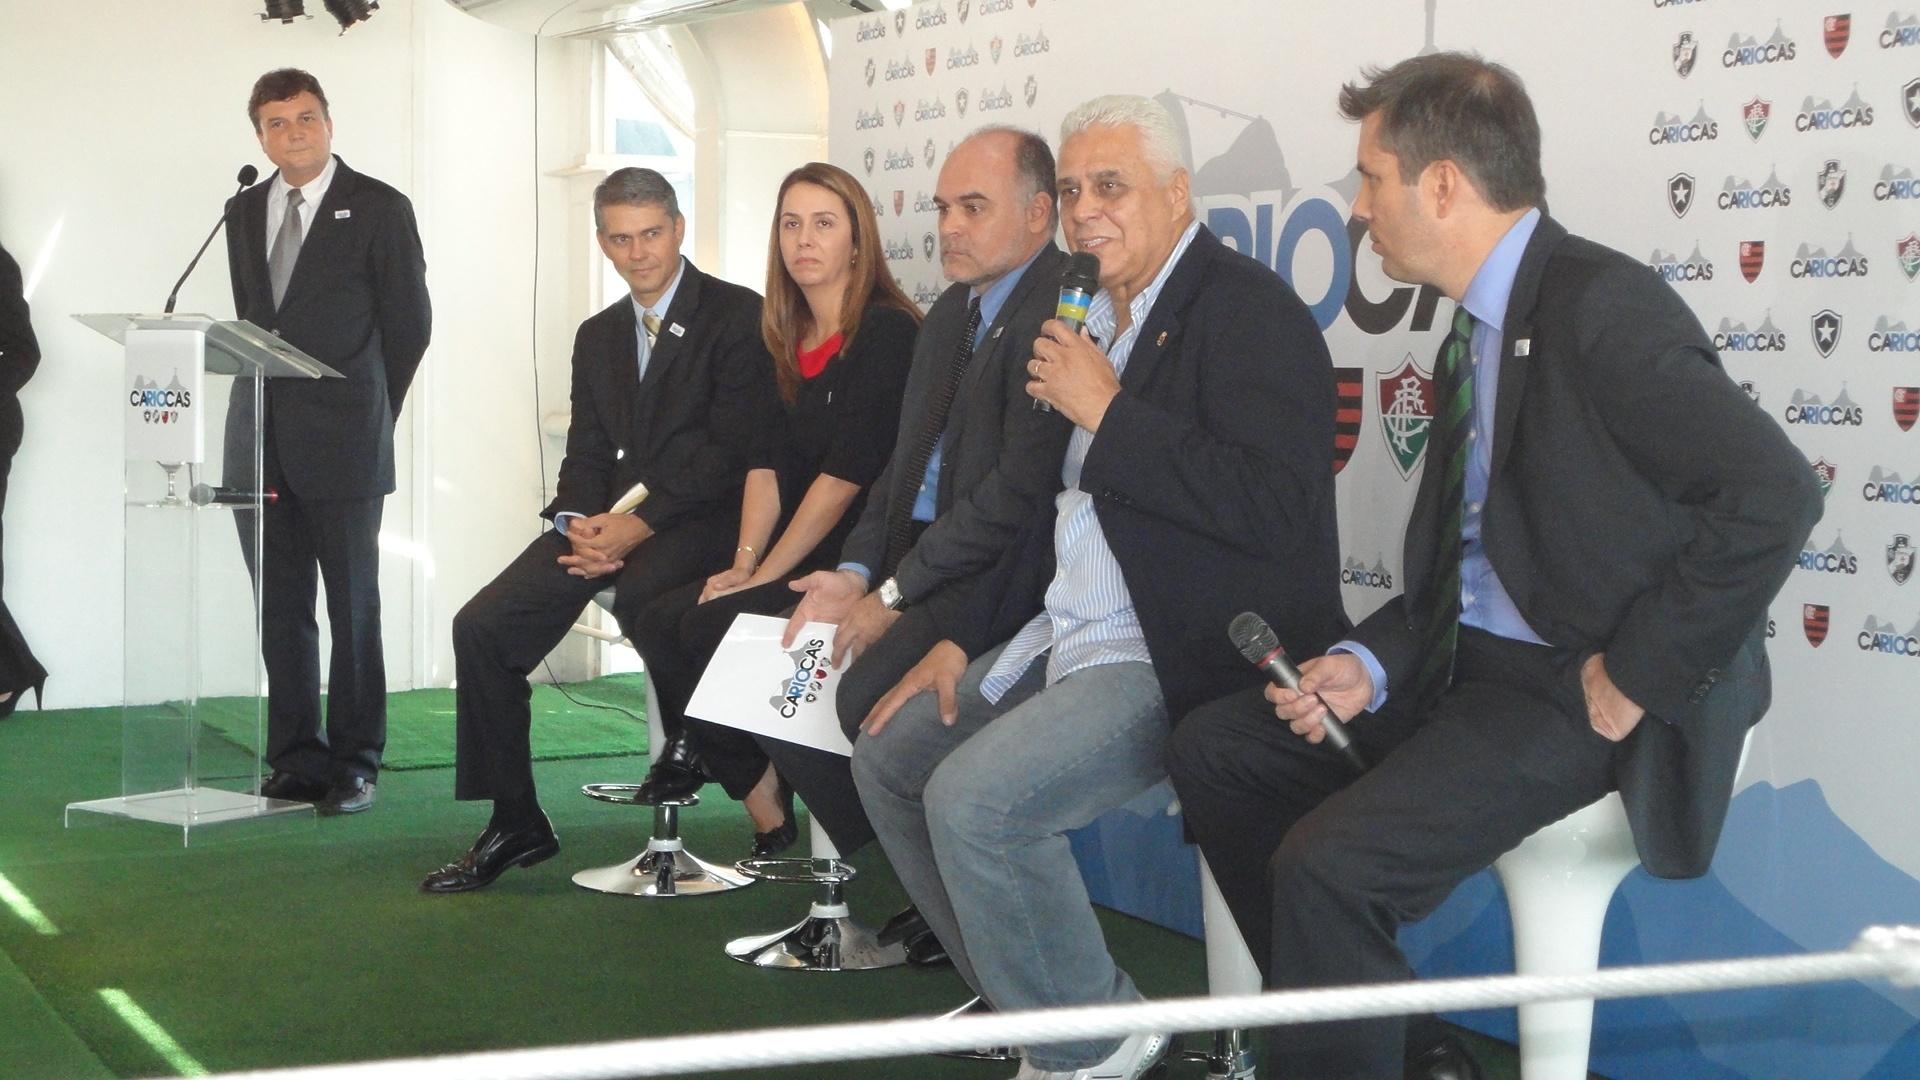 Maurício Assumpção, Patricia Amorim, Peter Siemsen e Roberto Dinamite em coletiva no Rio (04/06/2012)